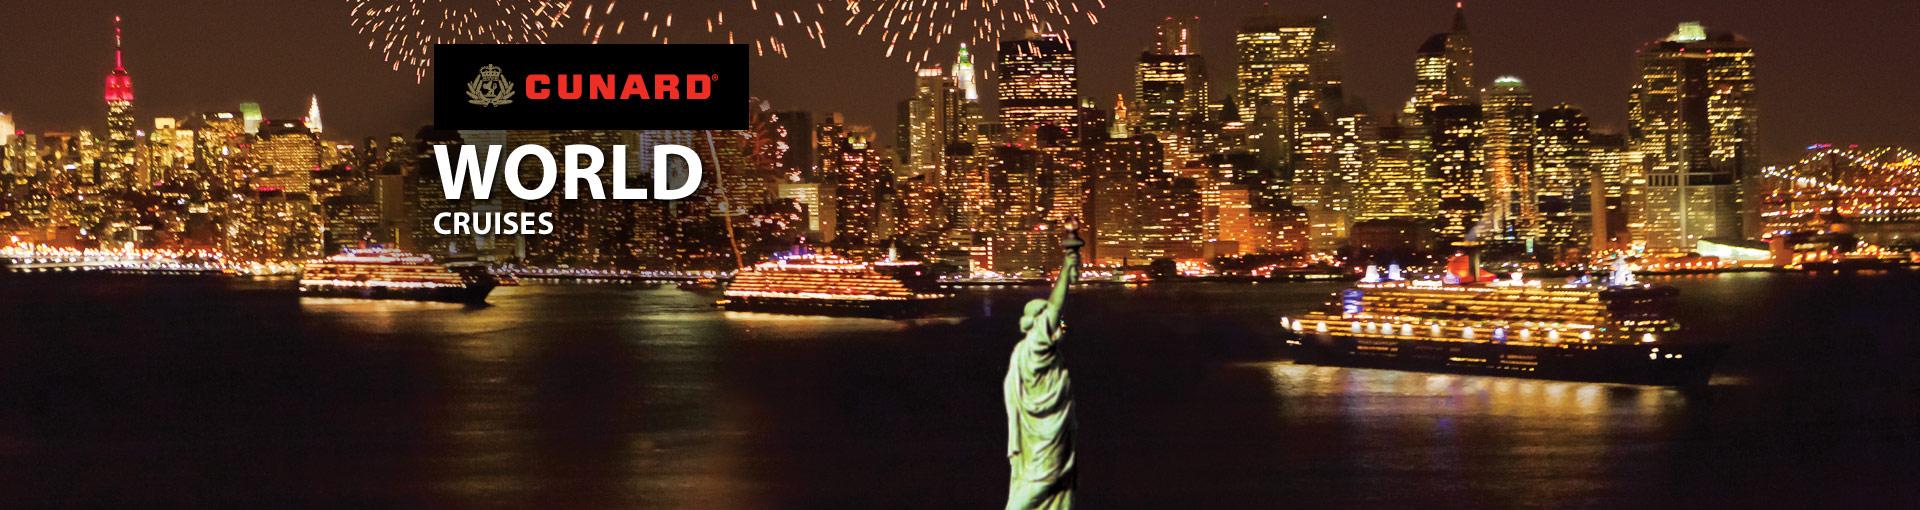 Cunard Line World Cruises